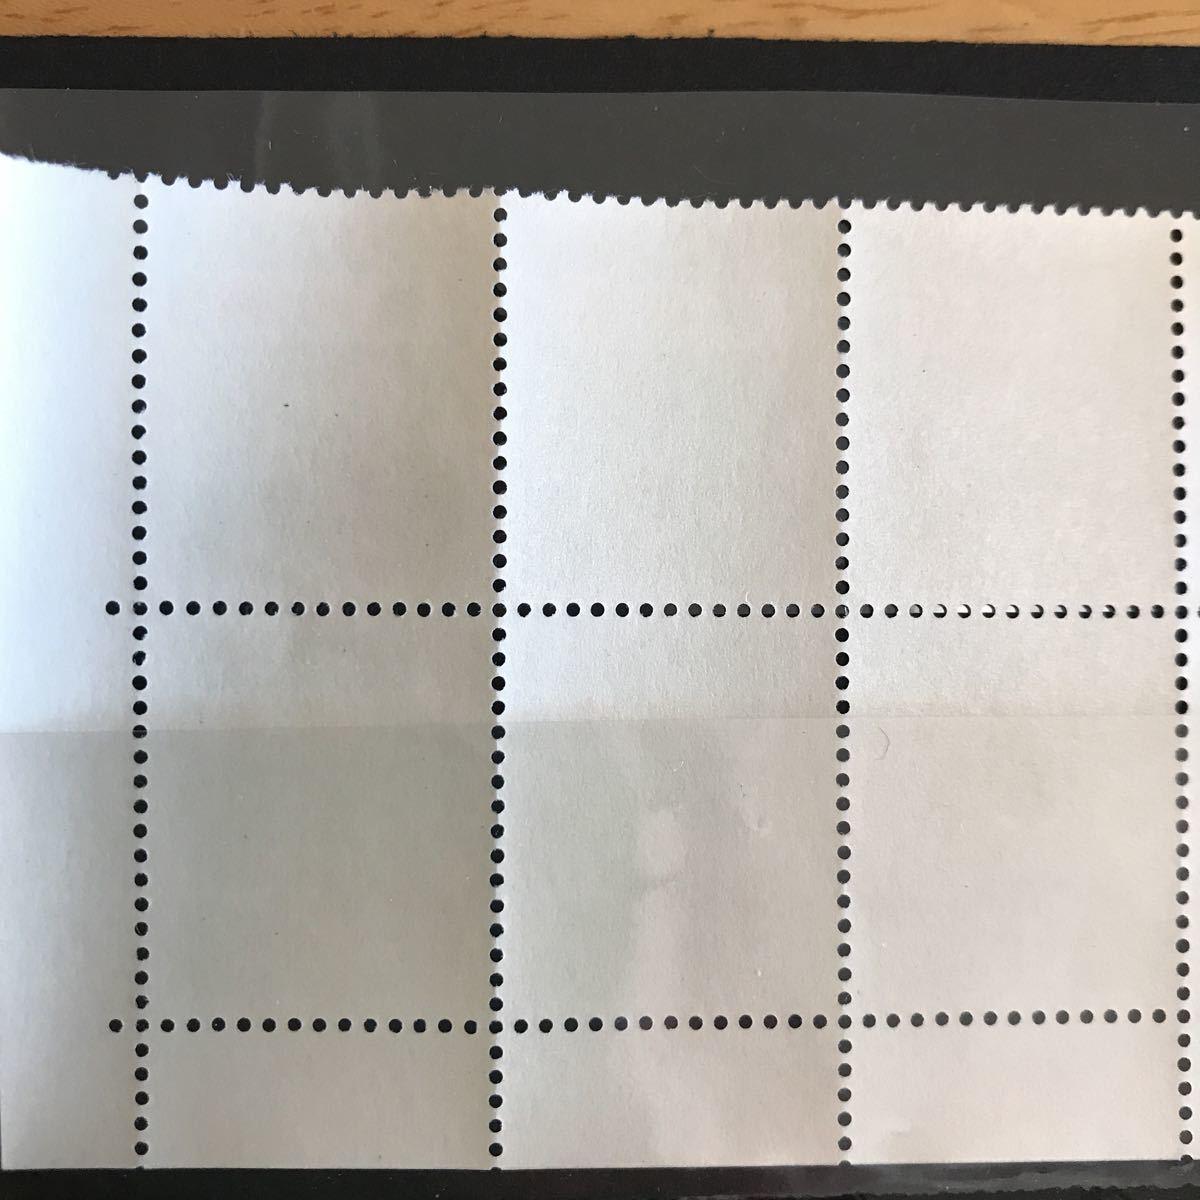 【未使用】 切手 ブロック 交通安全 1967年 15円x10枚 額面150円 銘版付き_画像8